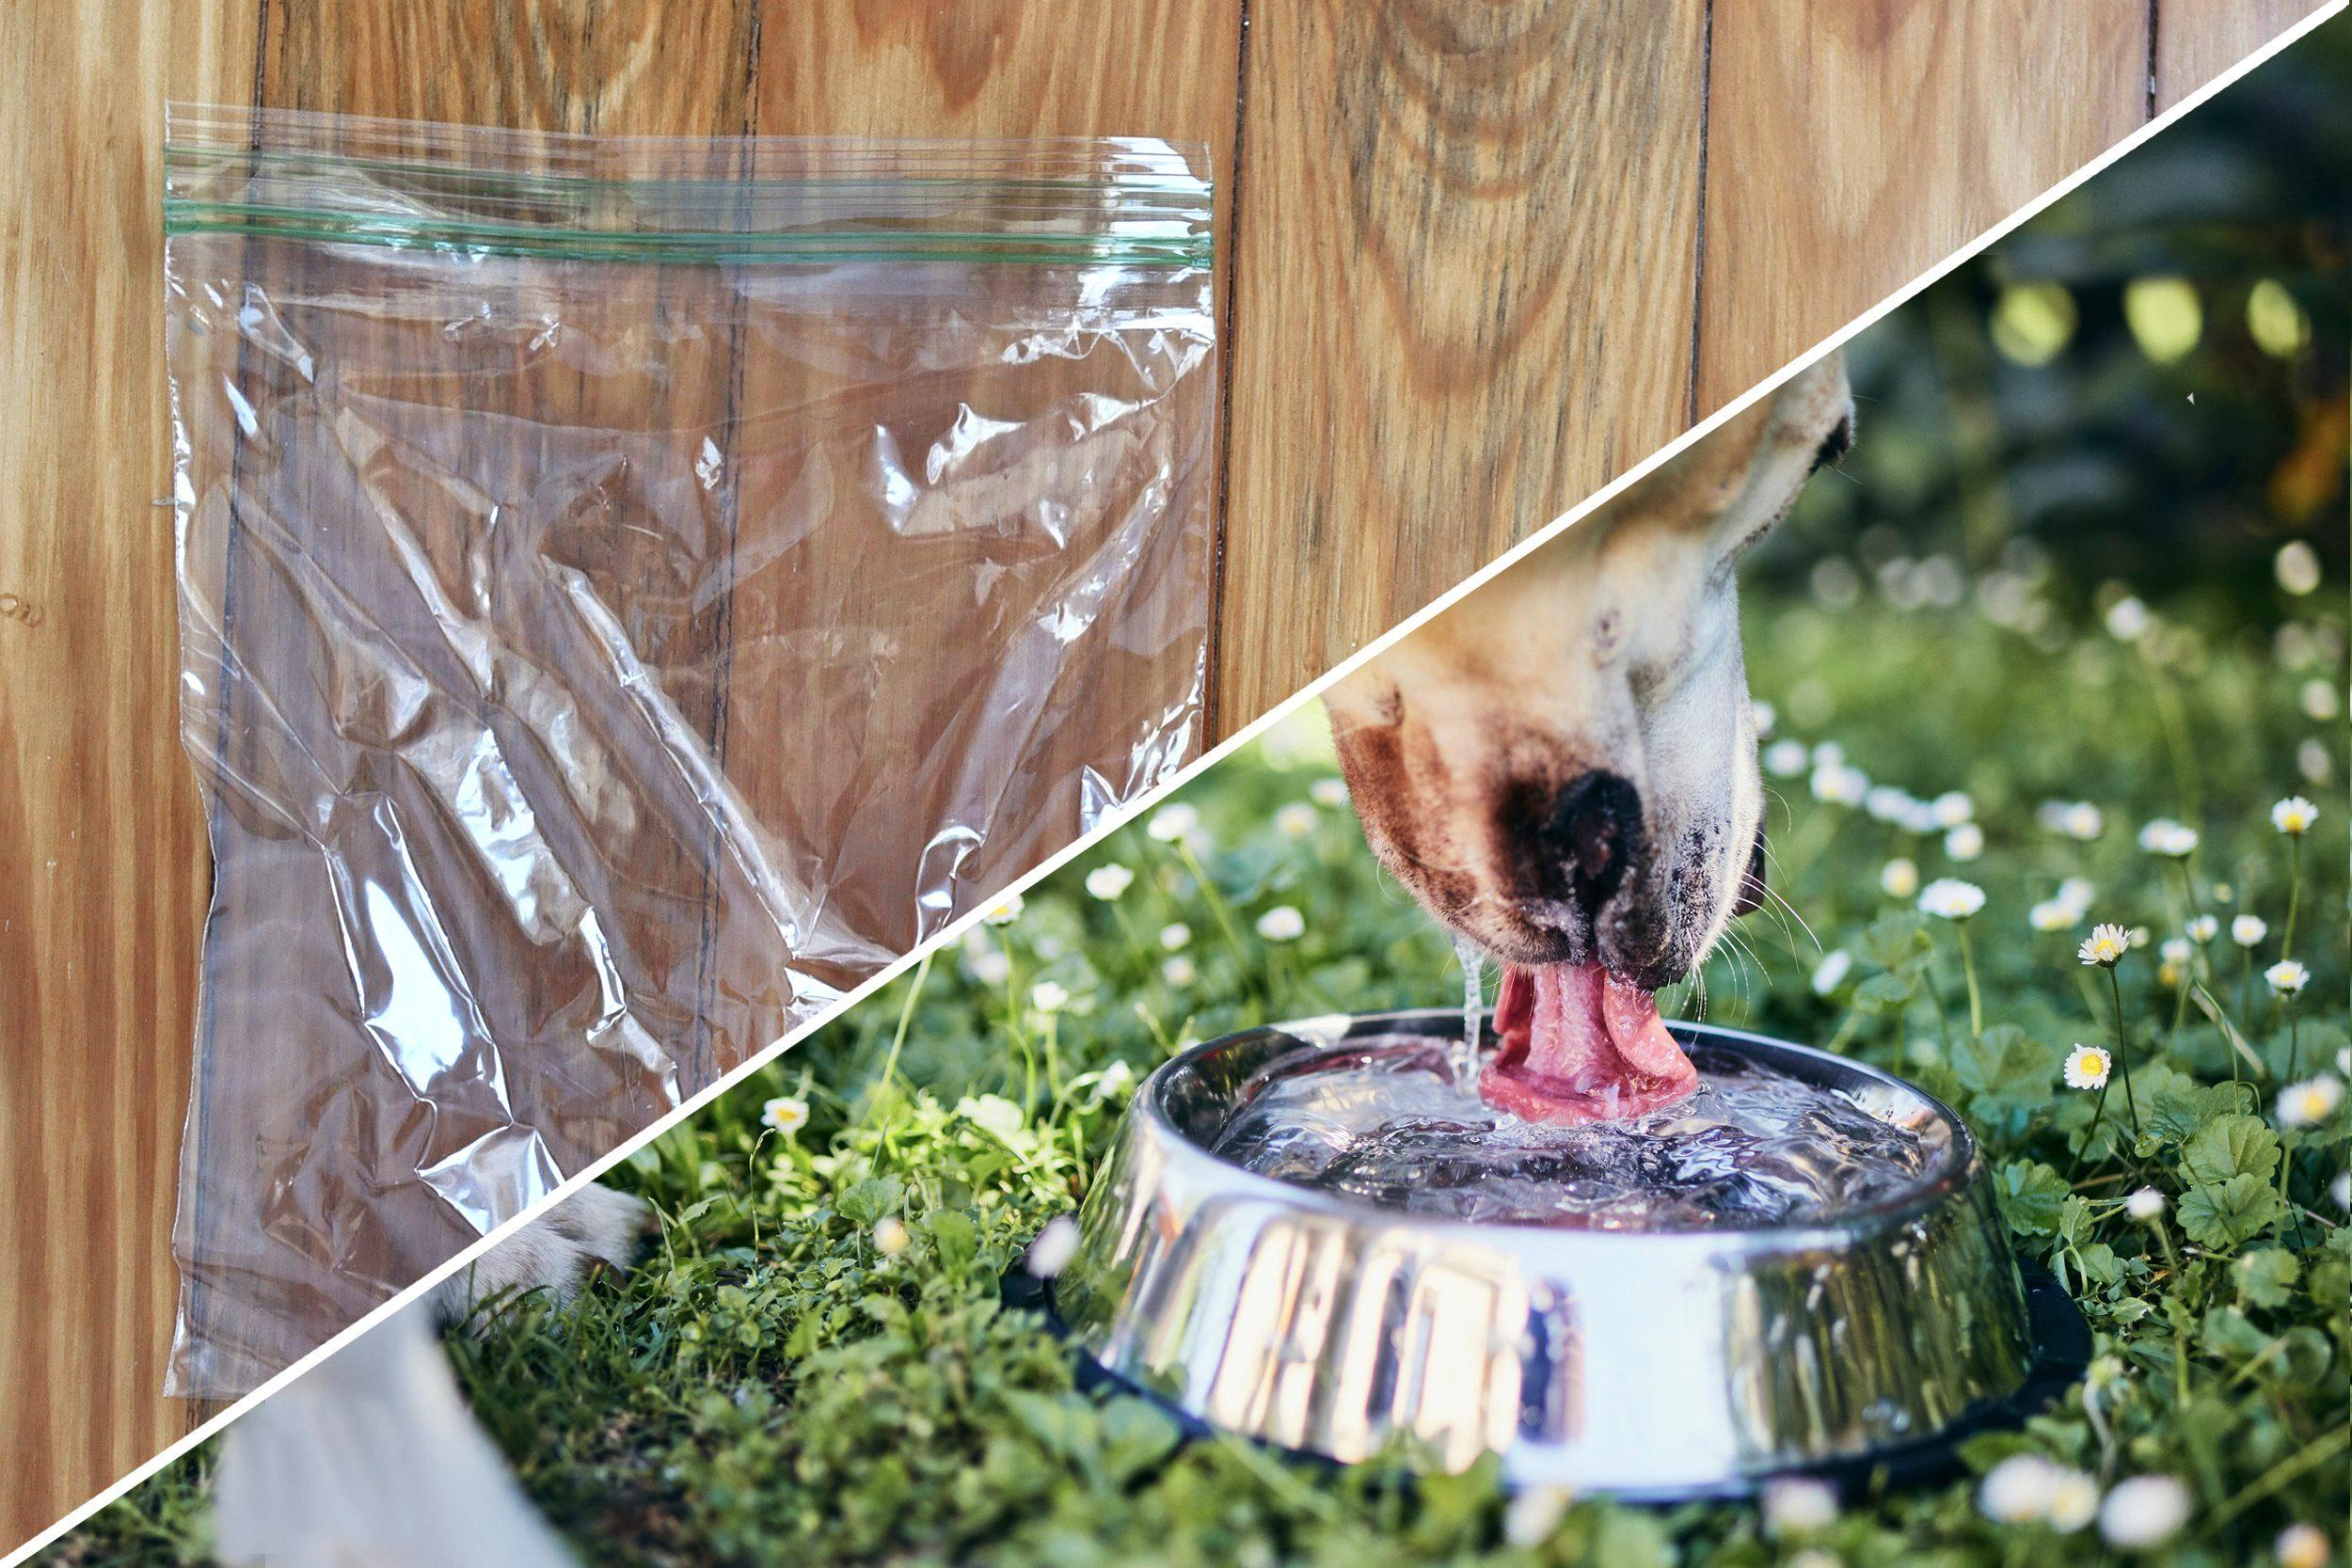 waterbowl dog plastic bag uses reusable life hacks